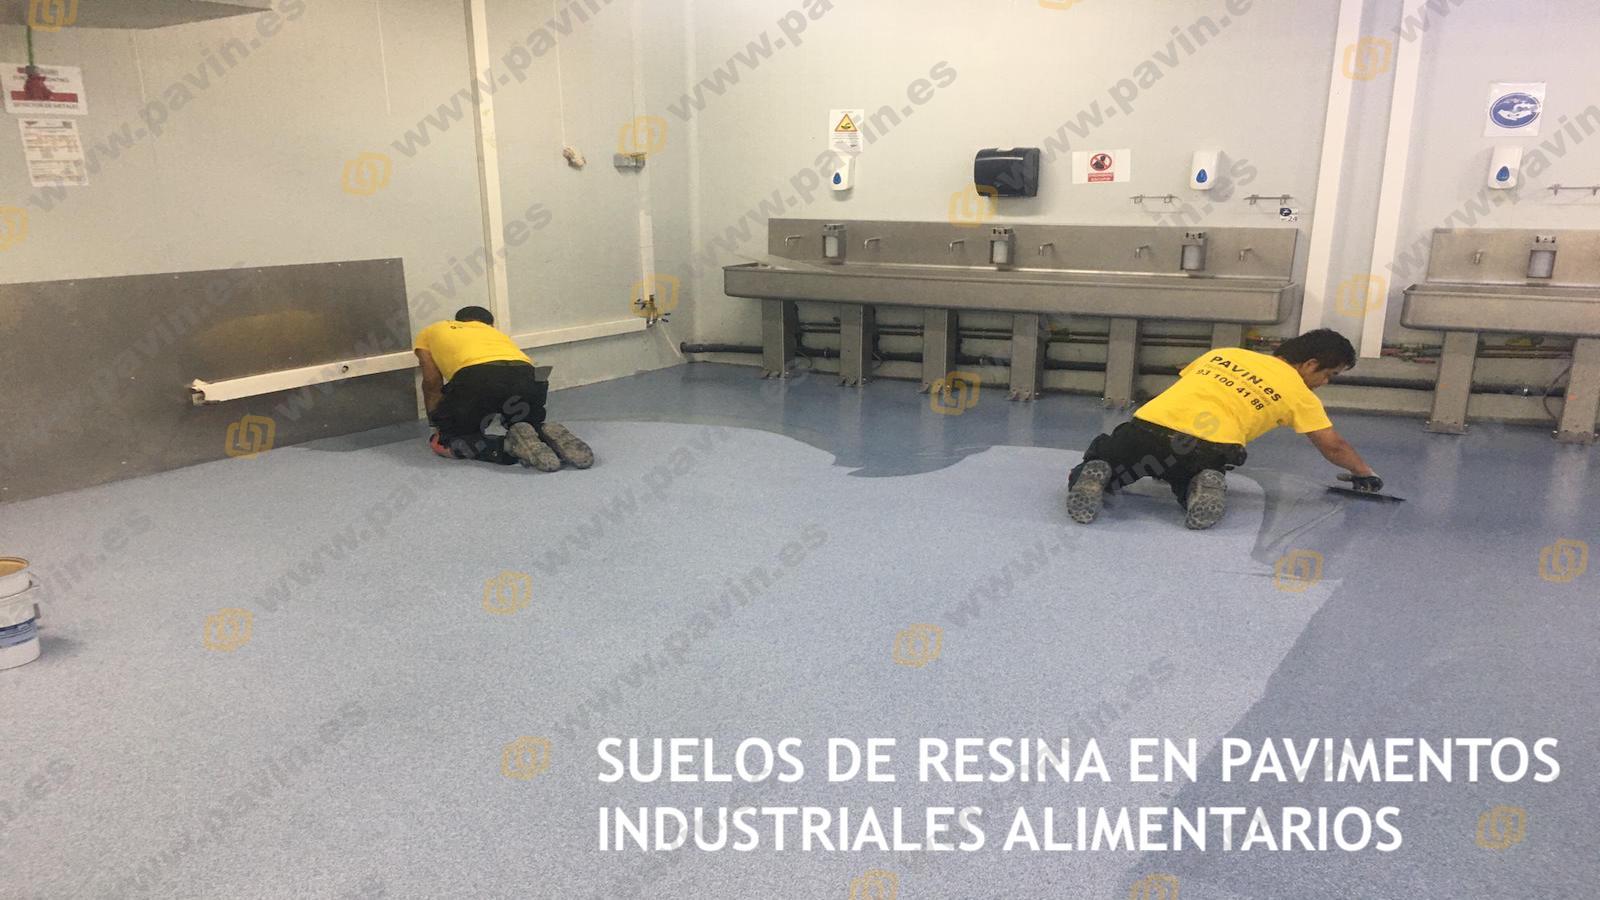 Suelos de resina para pavimentos industriales en naves de alimentación